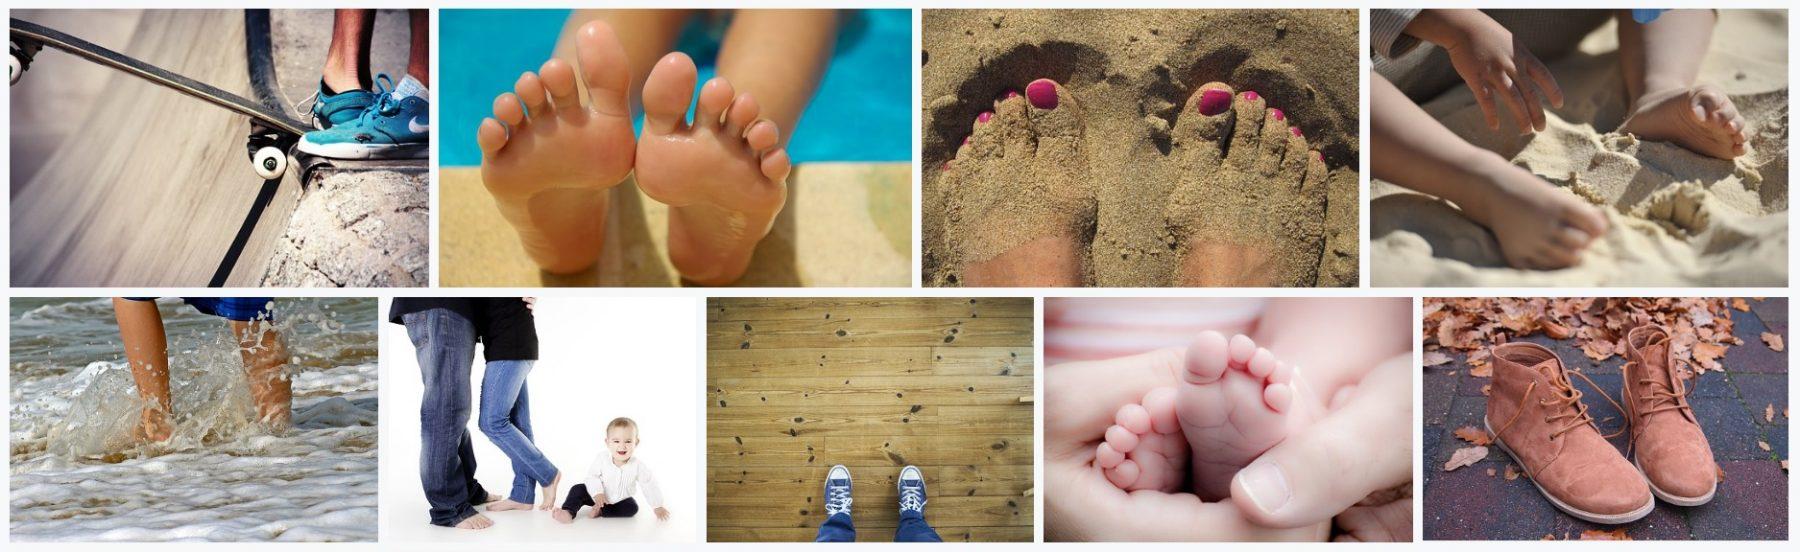 wrastające paznokcie suwałki, usuwanie odcisków suwałki , usuwanie modzeli suwałki, usuwanie nagniotków suwałki